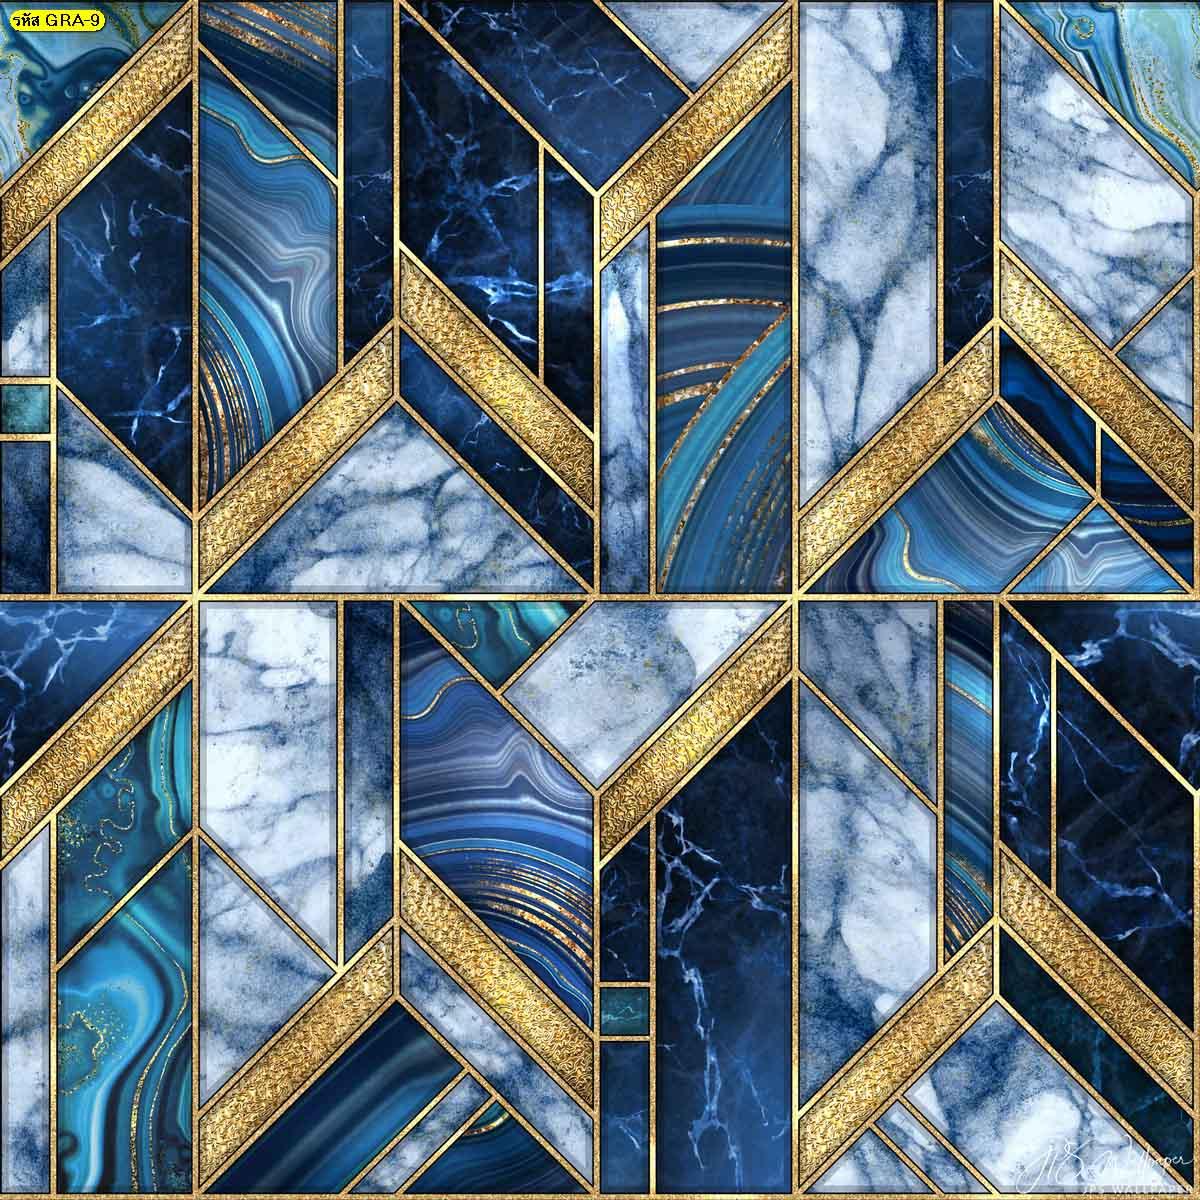 วอลเปเปอร์สั่งพิมพ์ลายหินอ่อนสีฟ้าตัดเส้นสีทองทรงเรขาคณิต ตกแต่งผนังลายกราฟิก